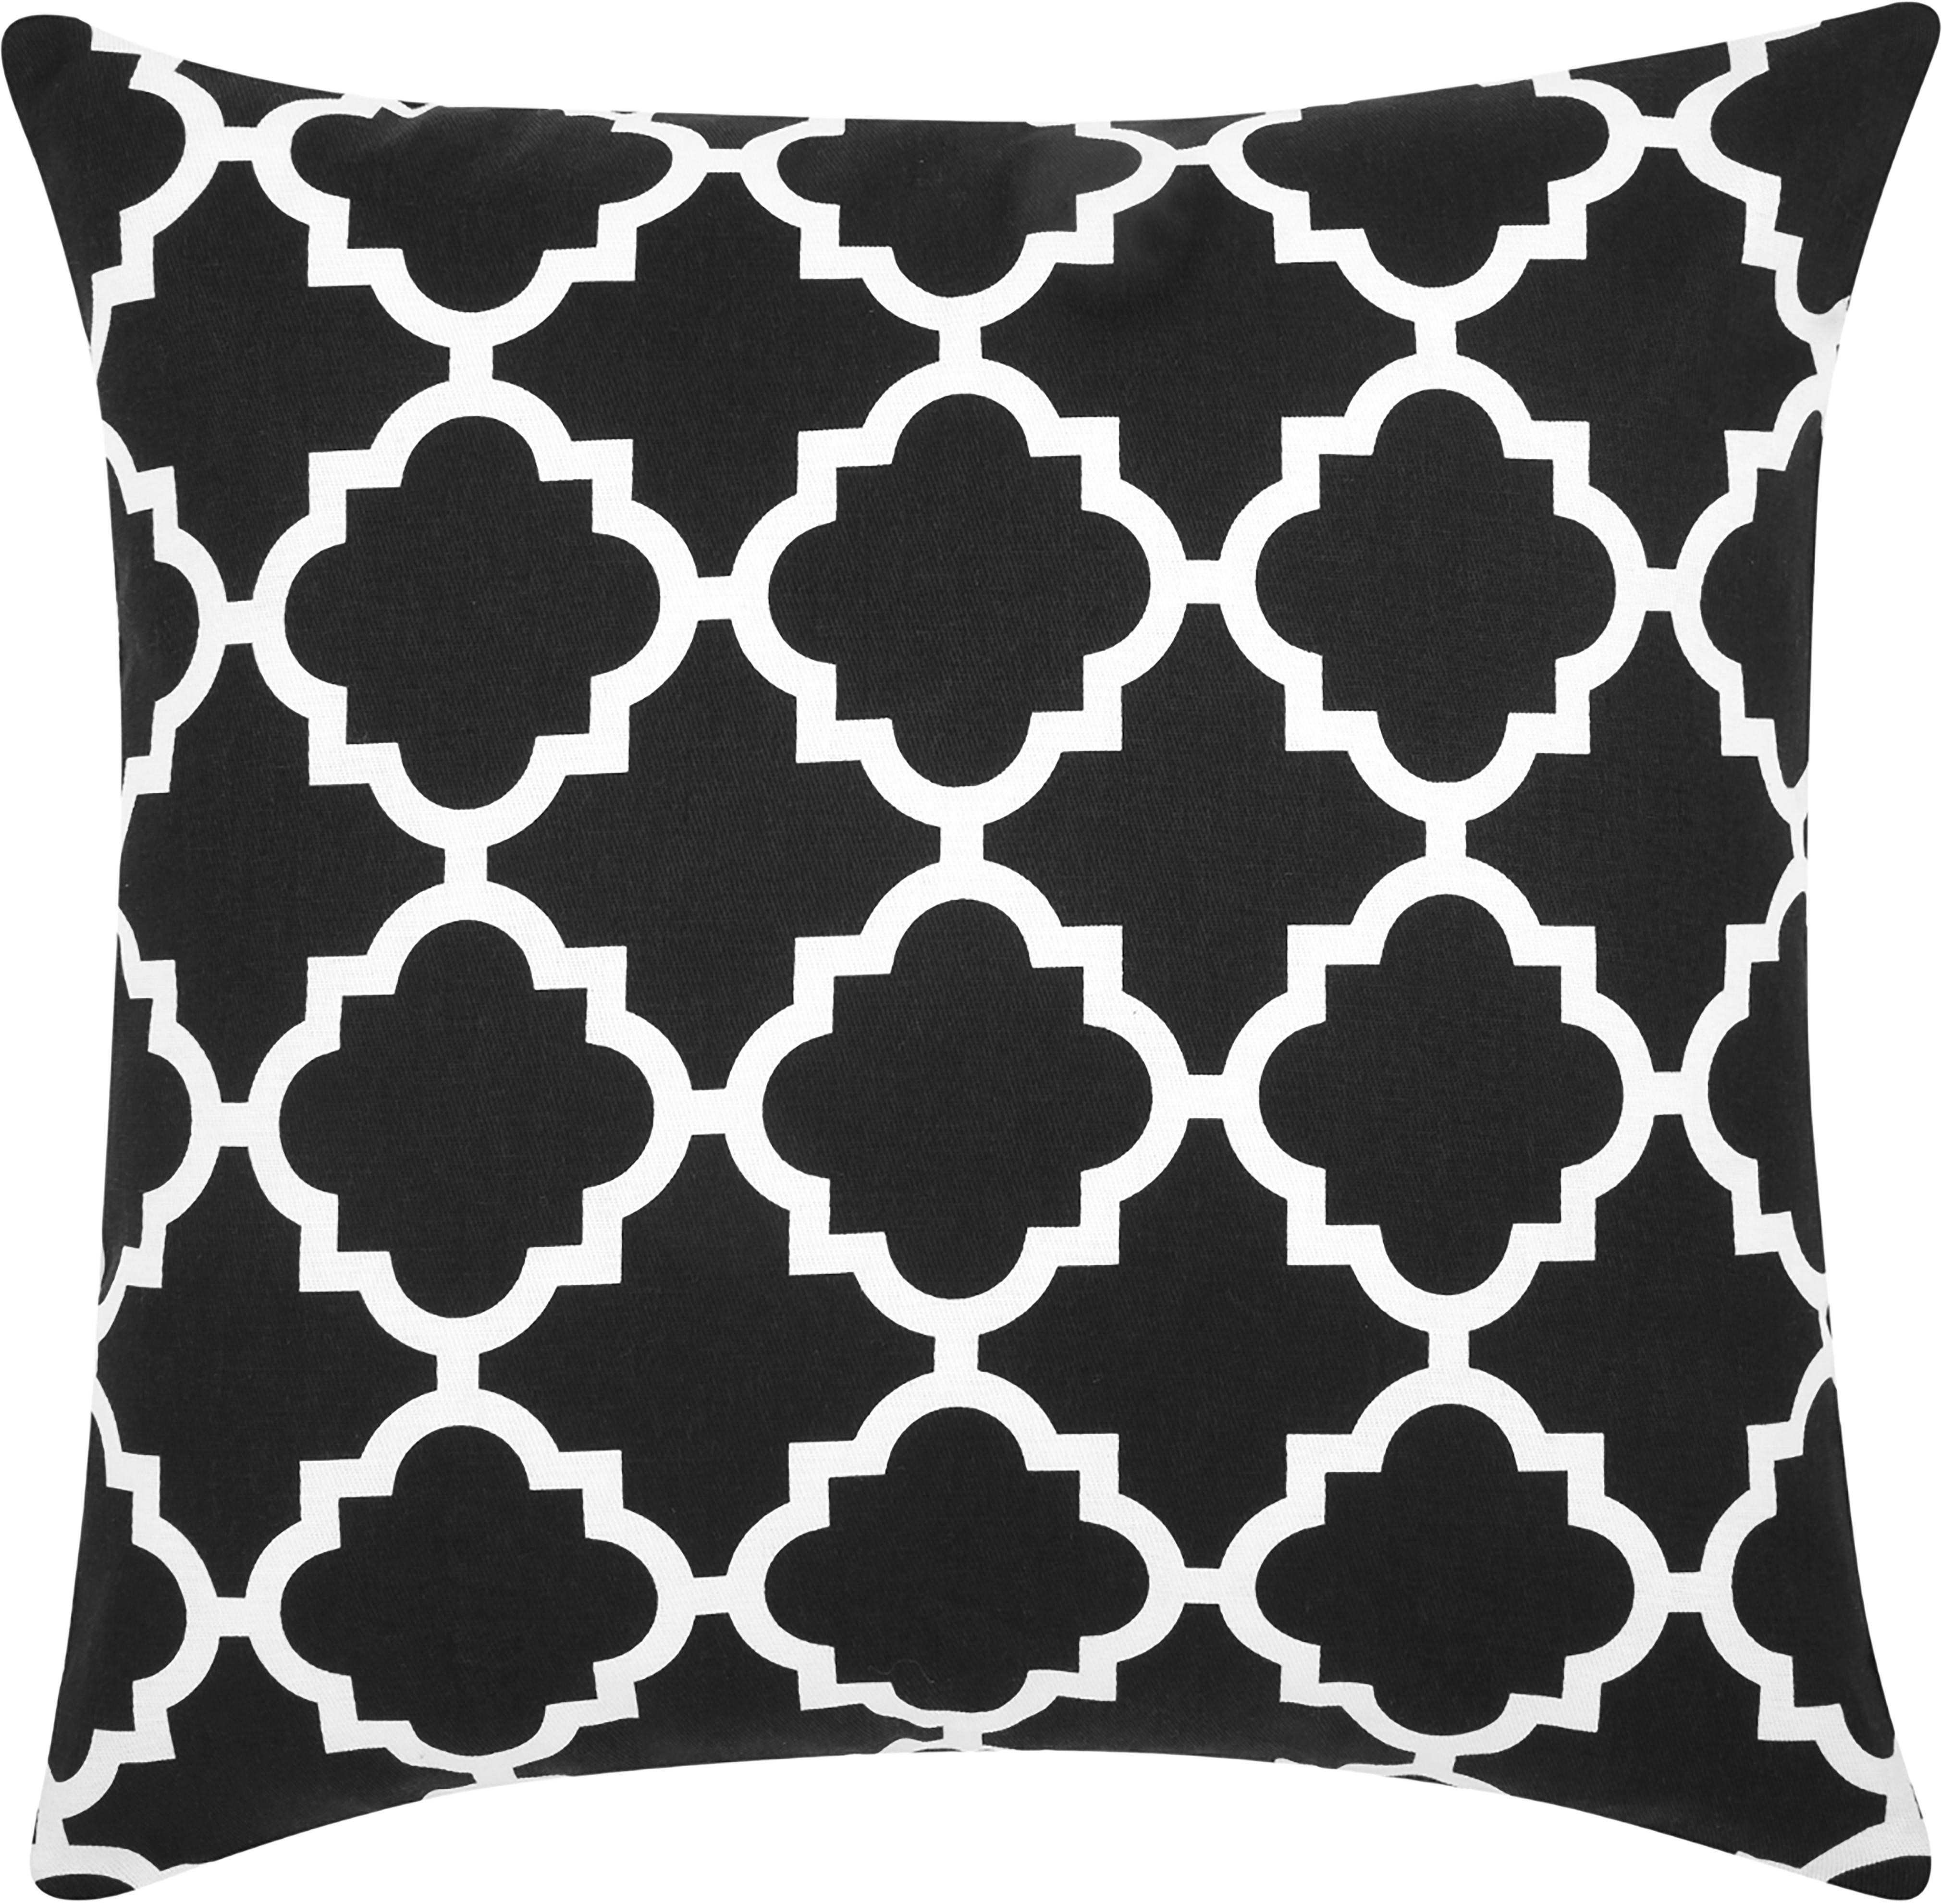 Poszewka na poduszkę Lana, Bawełna, Czarny, biały, S 45 x D 45 cm